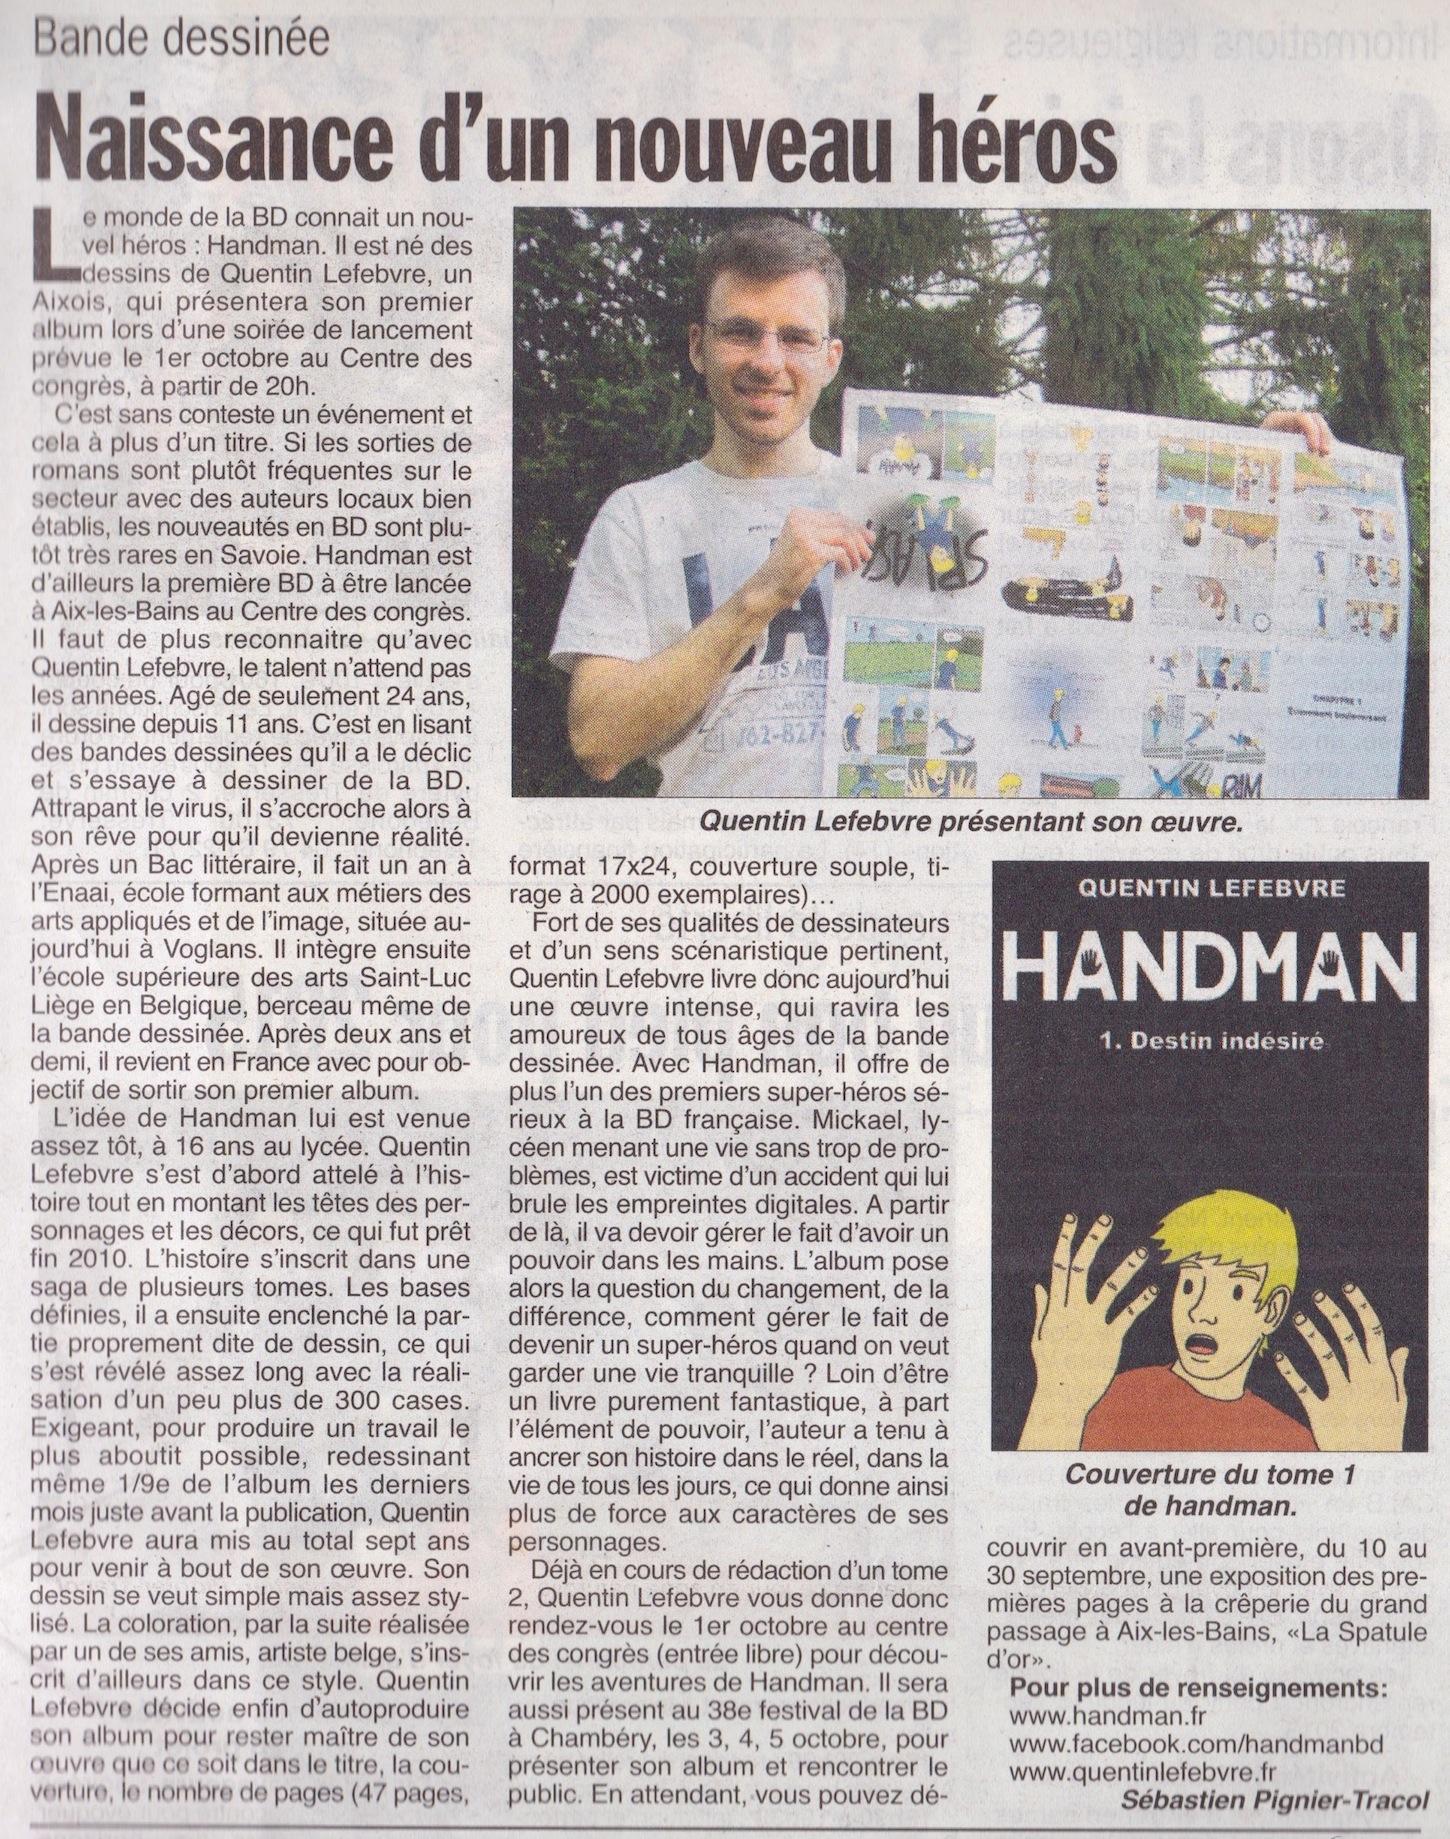 article-de-journal-lhebdo-des-savoie-du-11septembre2014-parle-de-handman